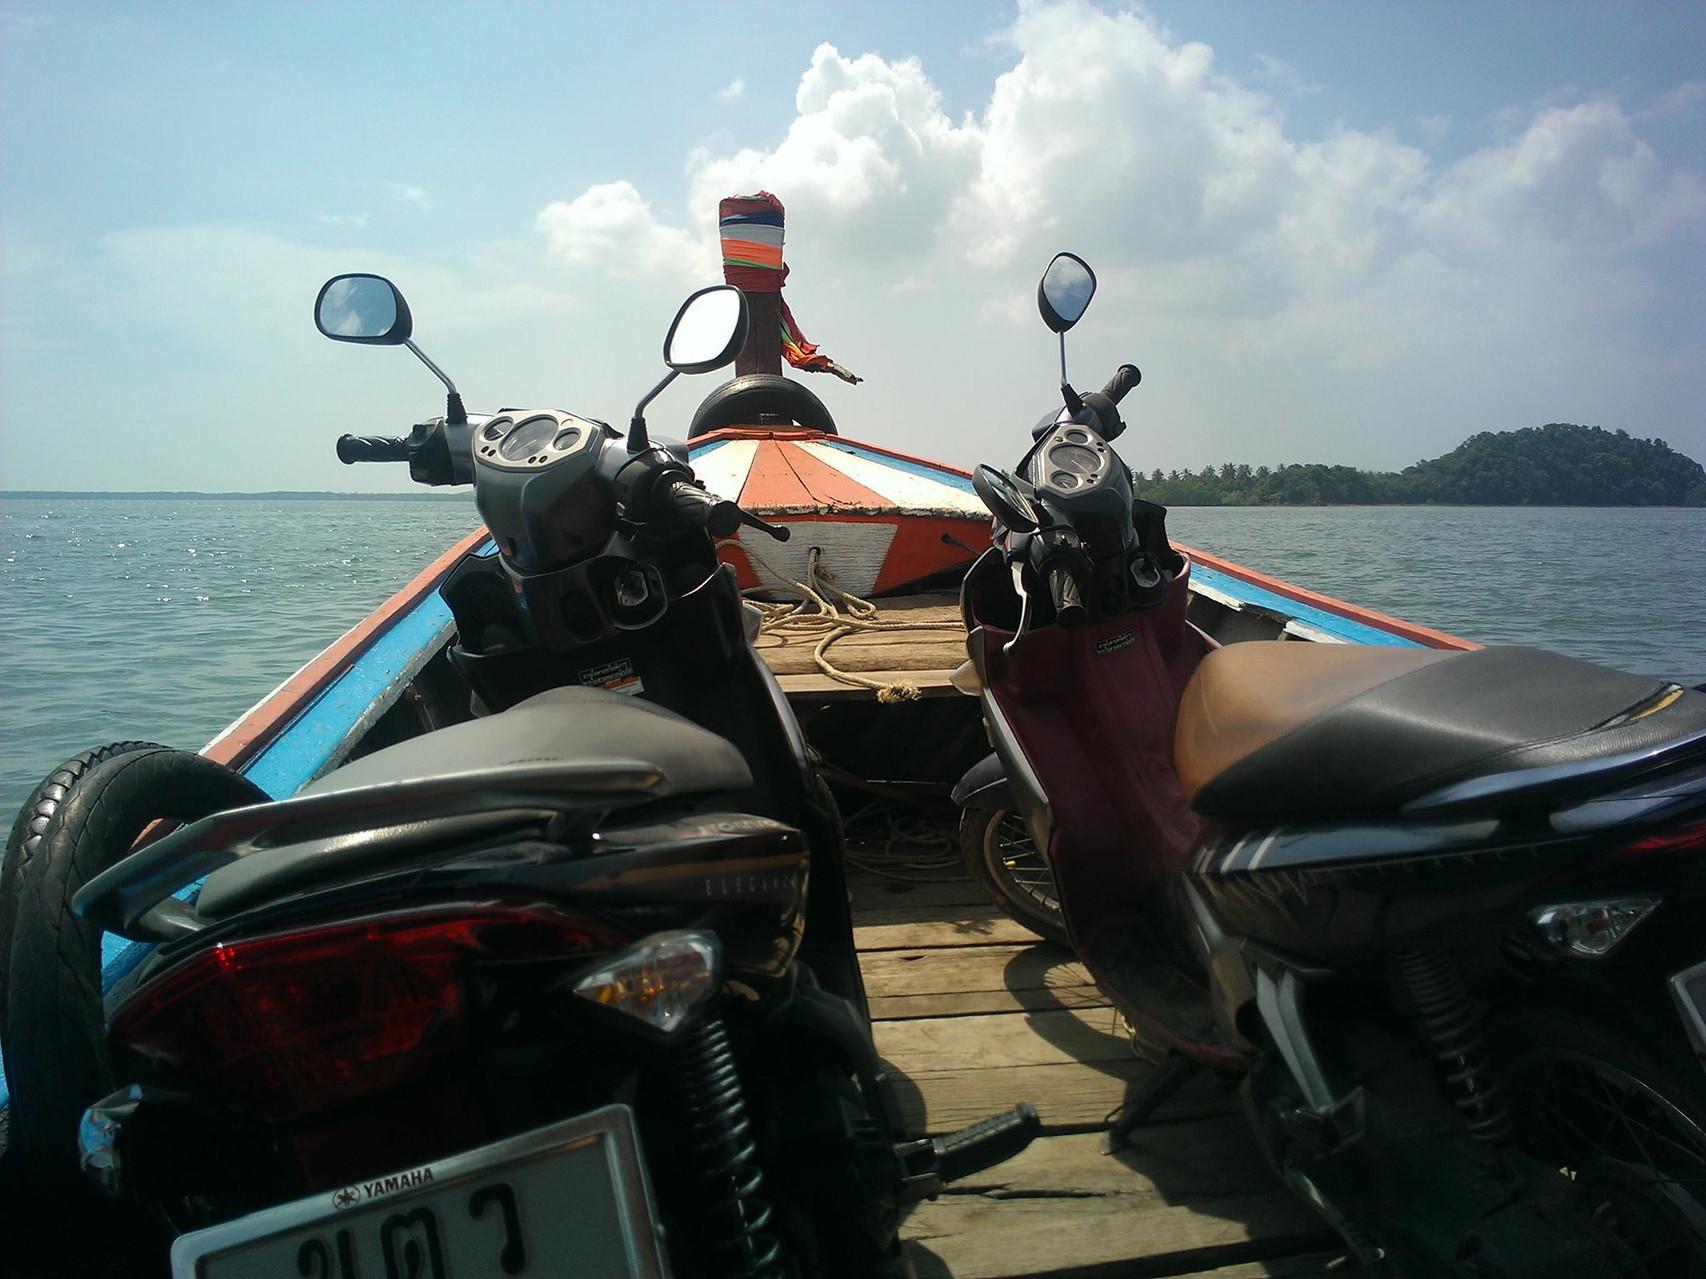 Wir nehmen auf unseren Motorrad-Inseltrips die Motorräder gleich mit aufs Schiff